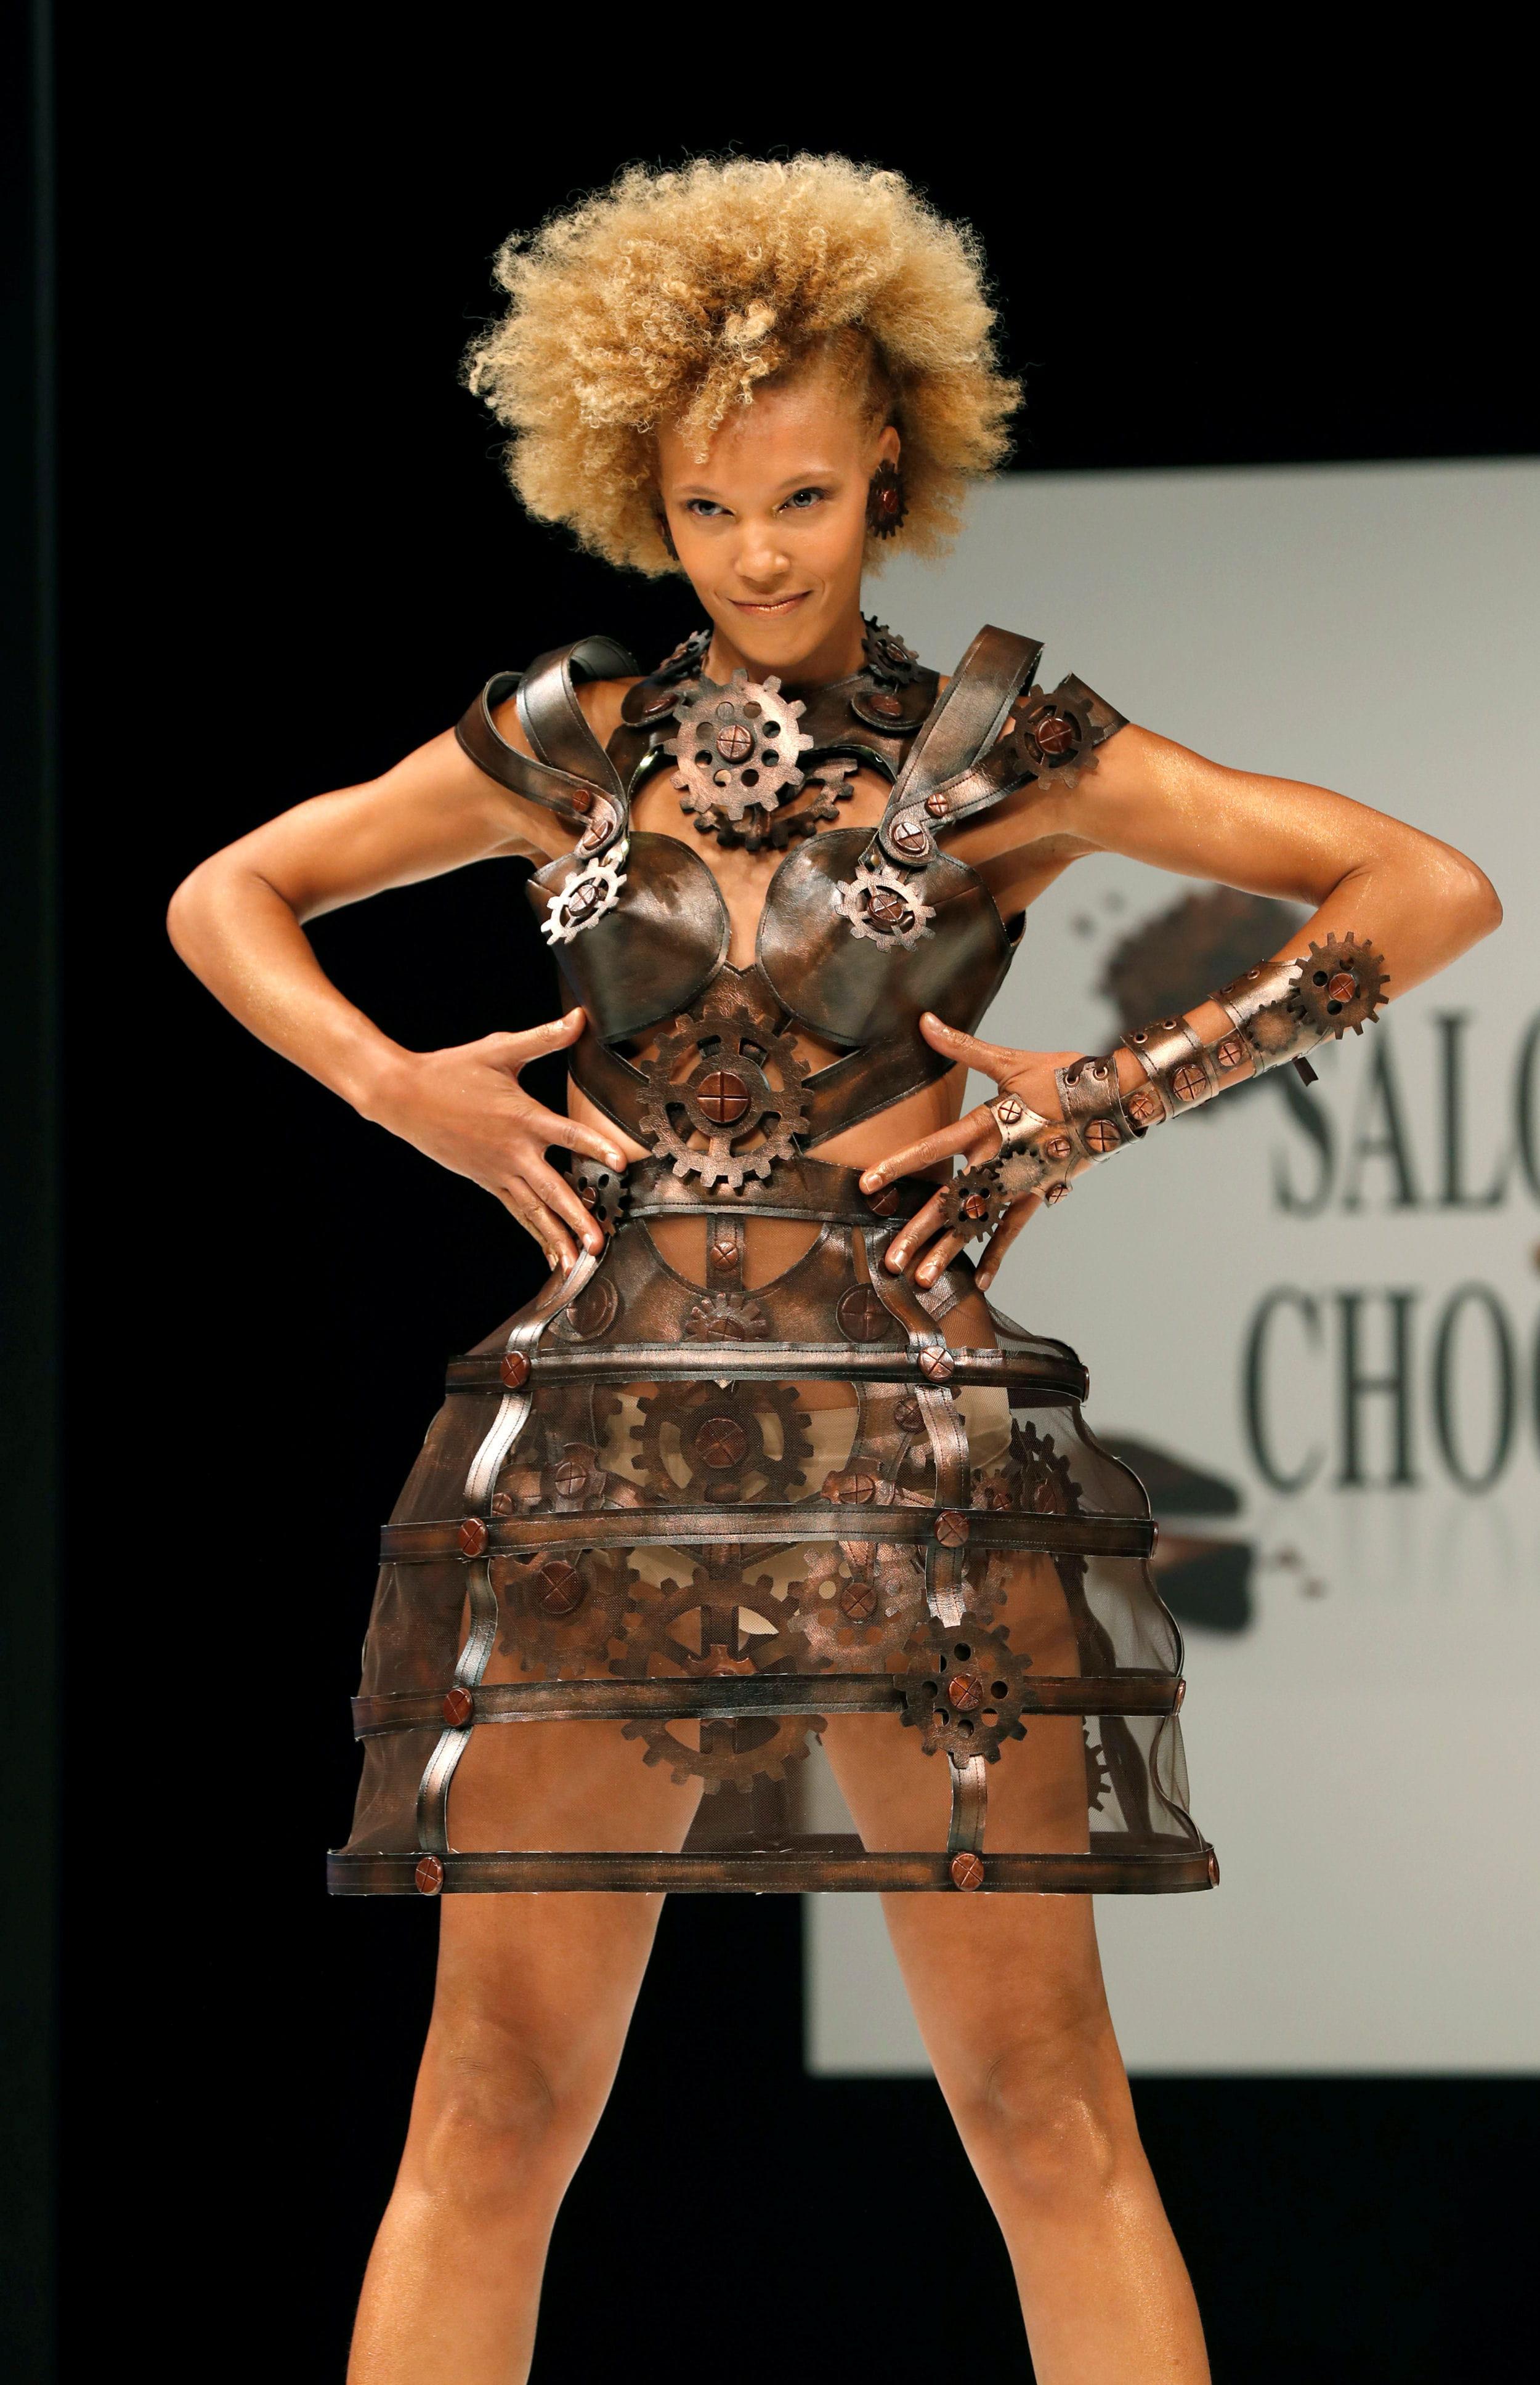 Salon du chocolat 2017 vacances arts guides voyages for Salon du modelisme 2017 paris